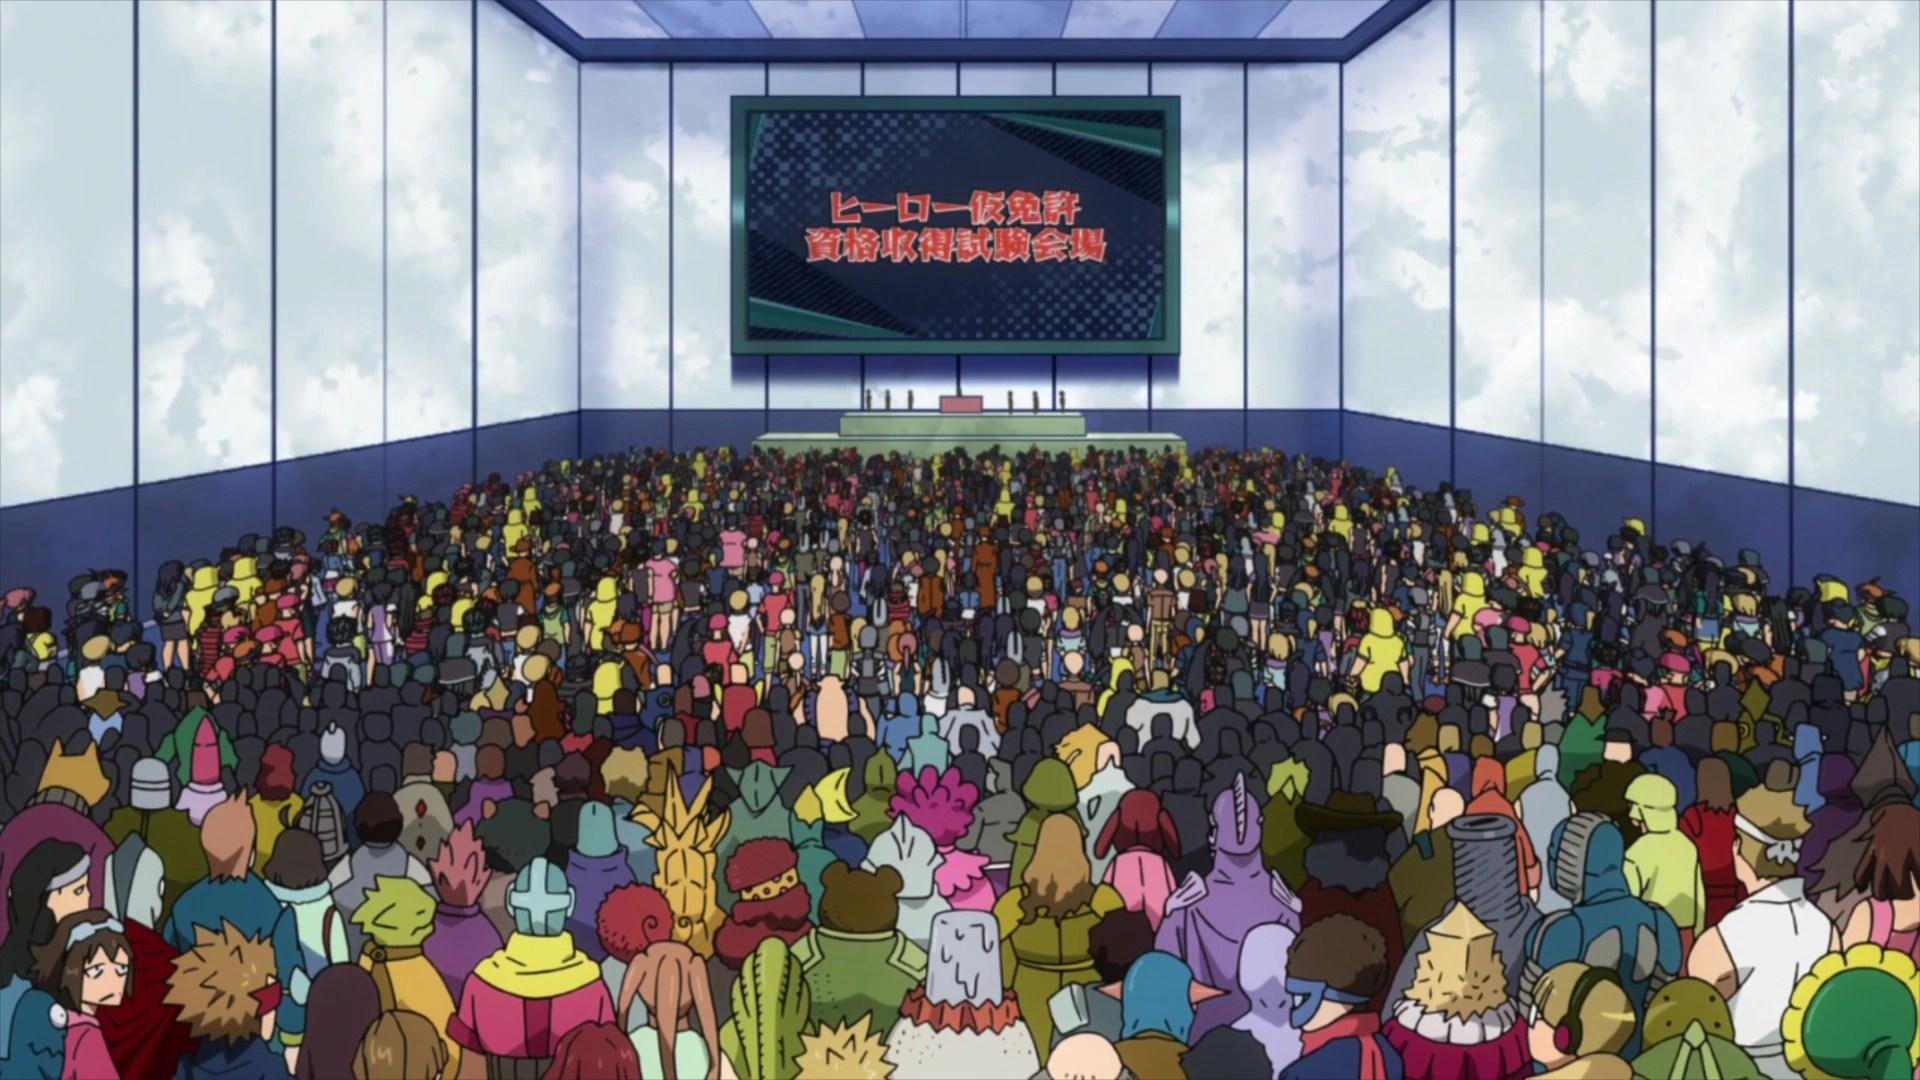 Boku No Hero Academia Stain Boku No Hero Anime - MVlC